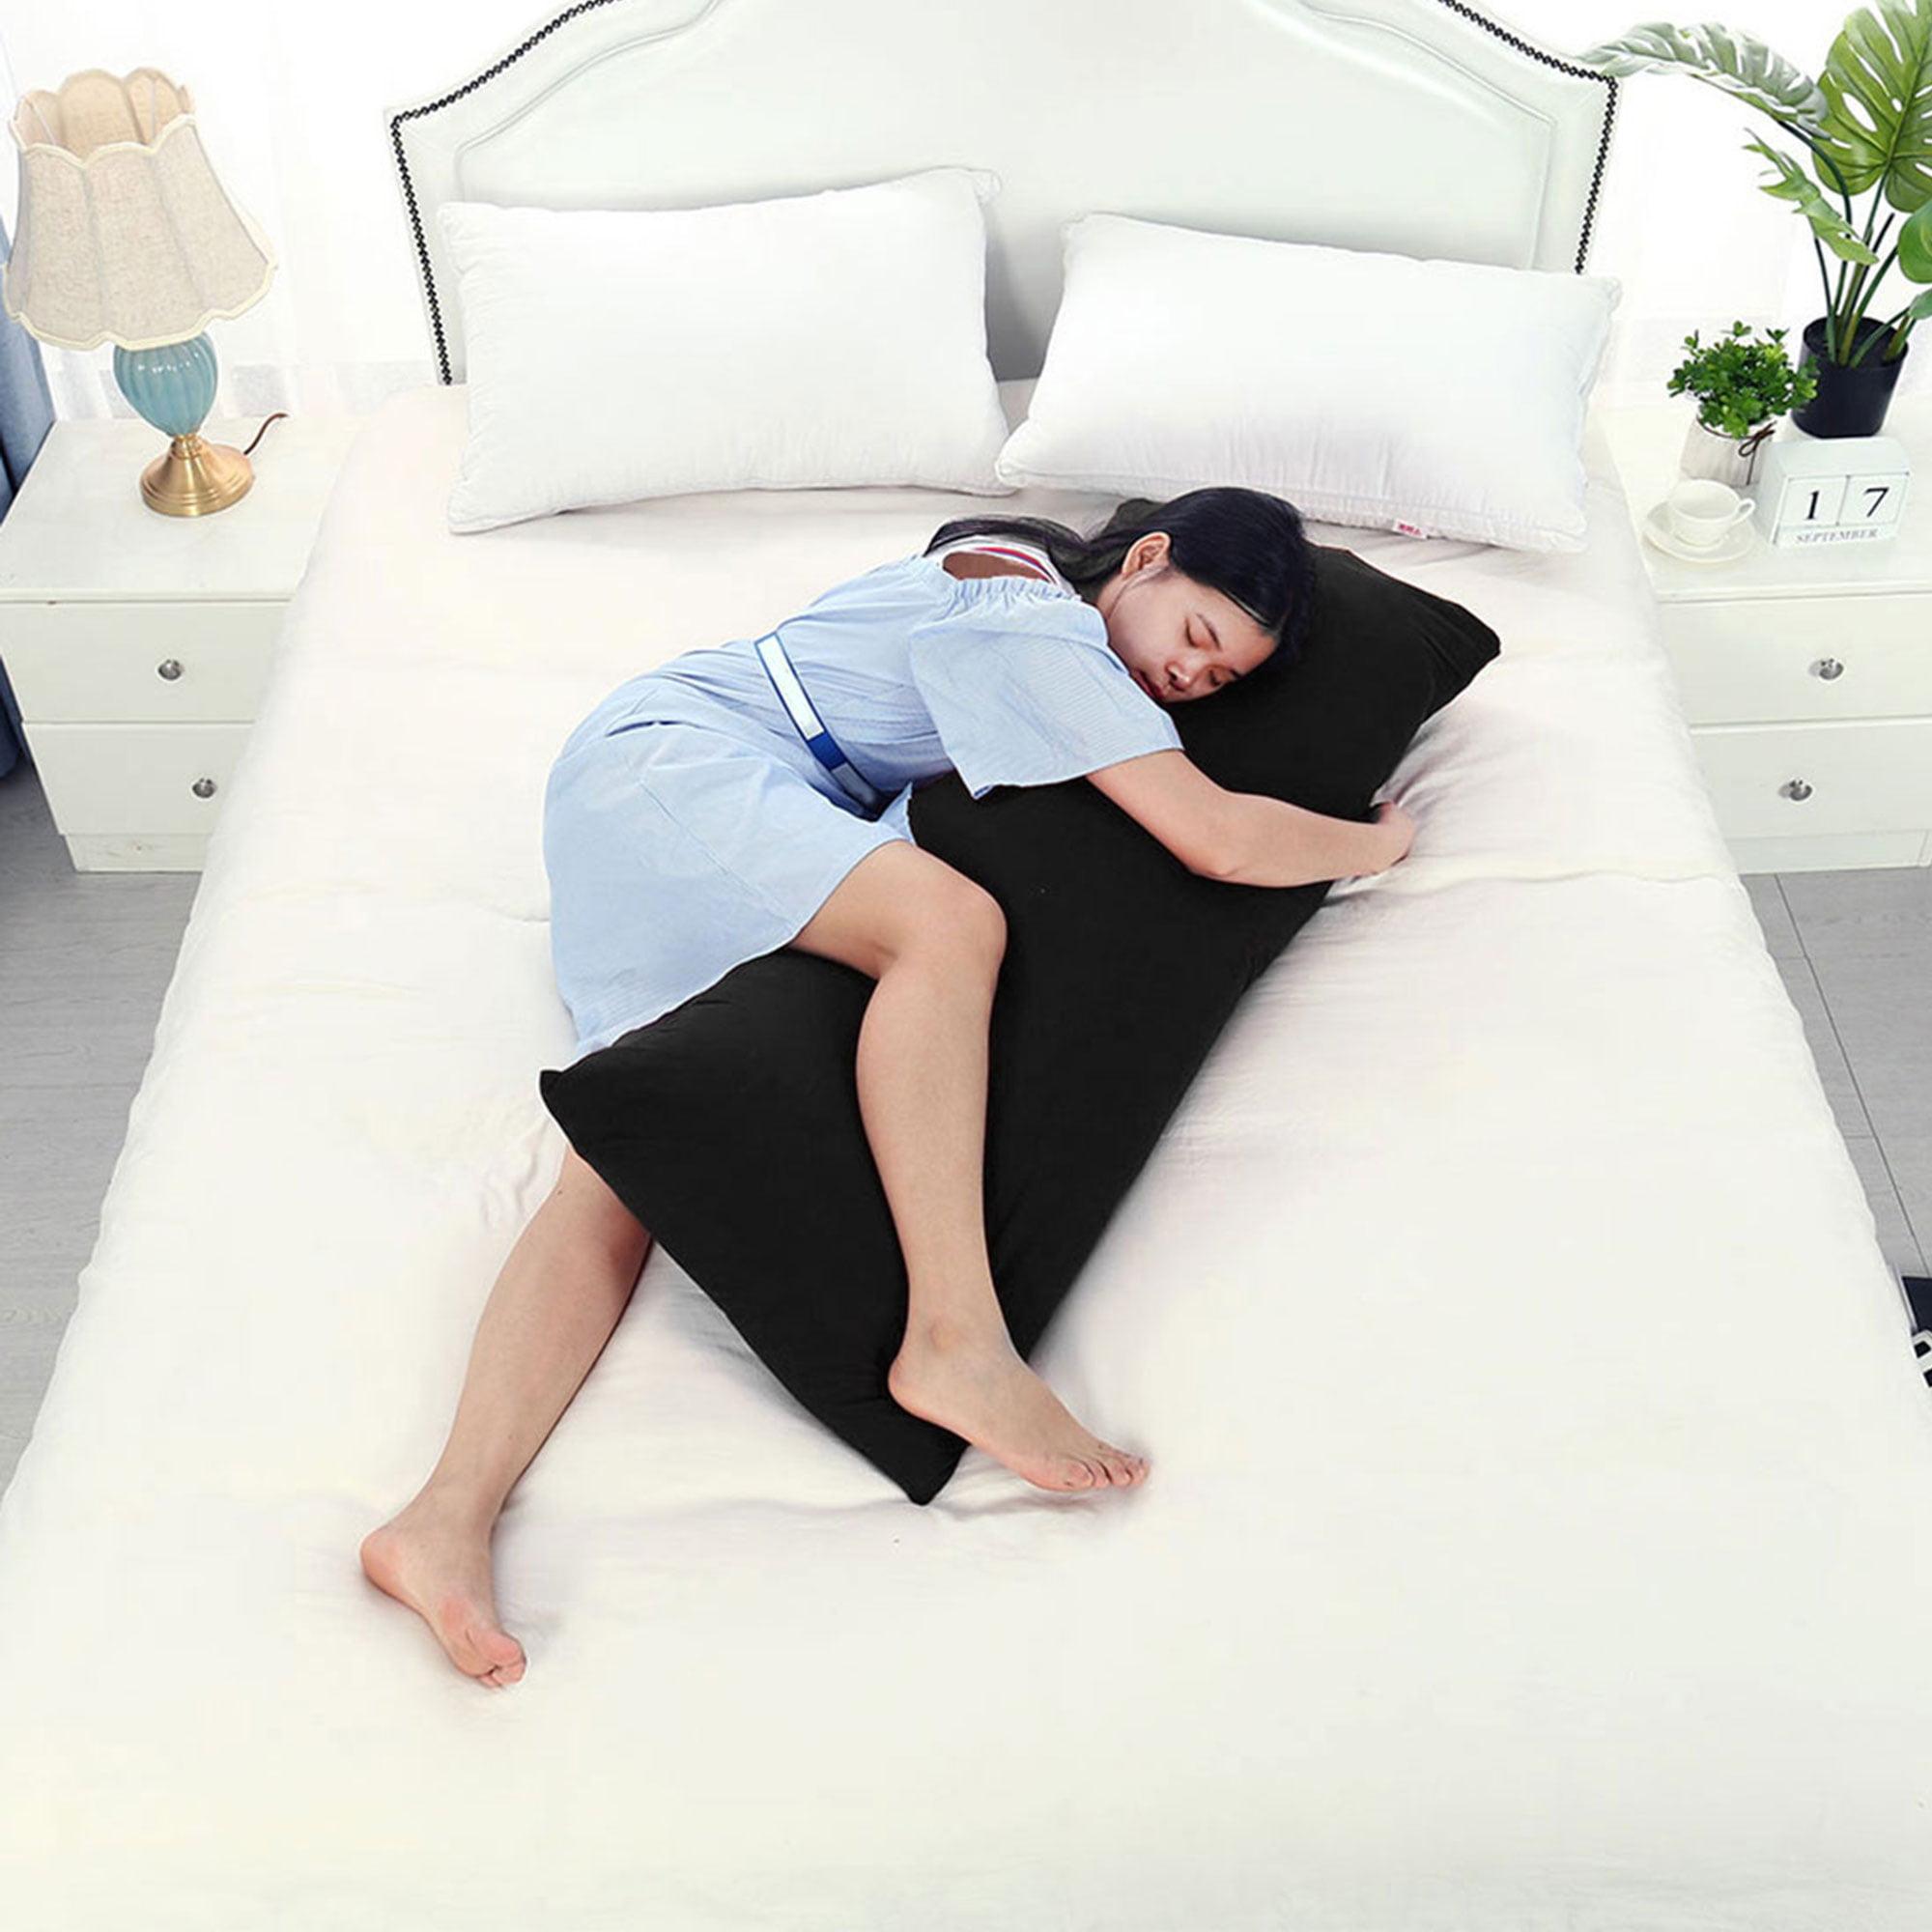 """Body Pillow Case Microfiber Long Bedding Covers for Body Pillows Black 20""""x60"""" - image 1 de 7"""